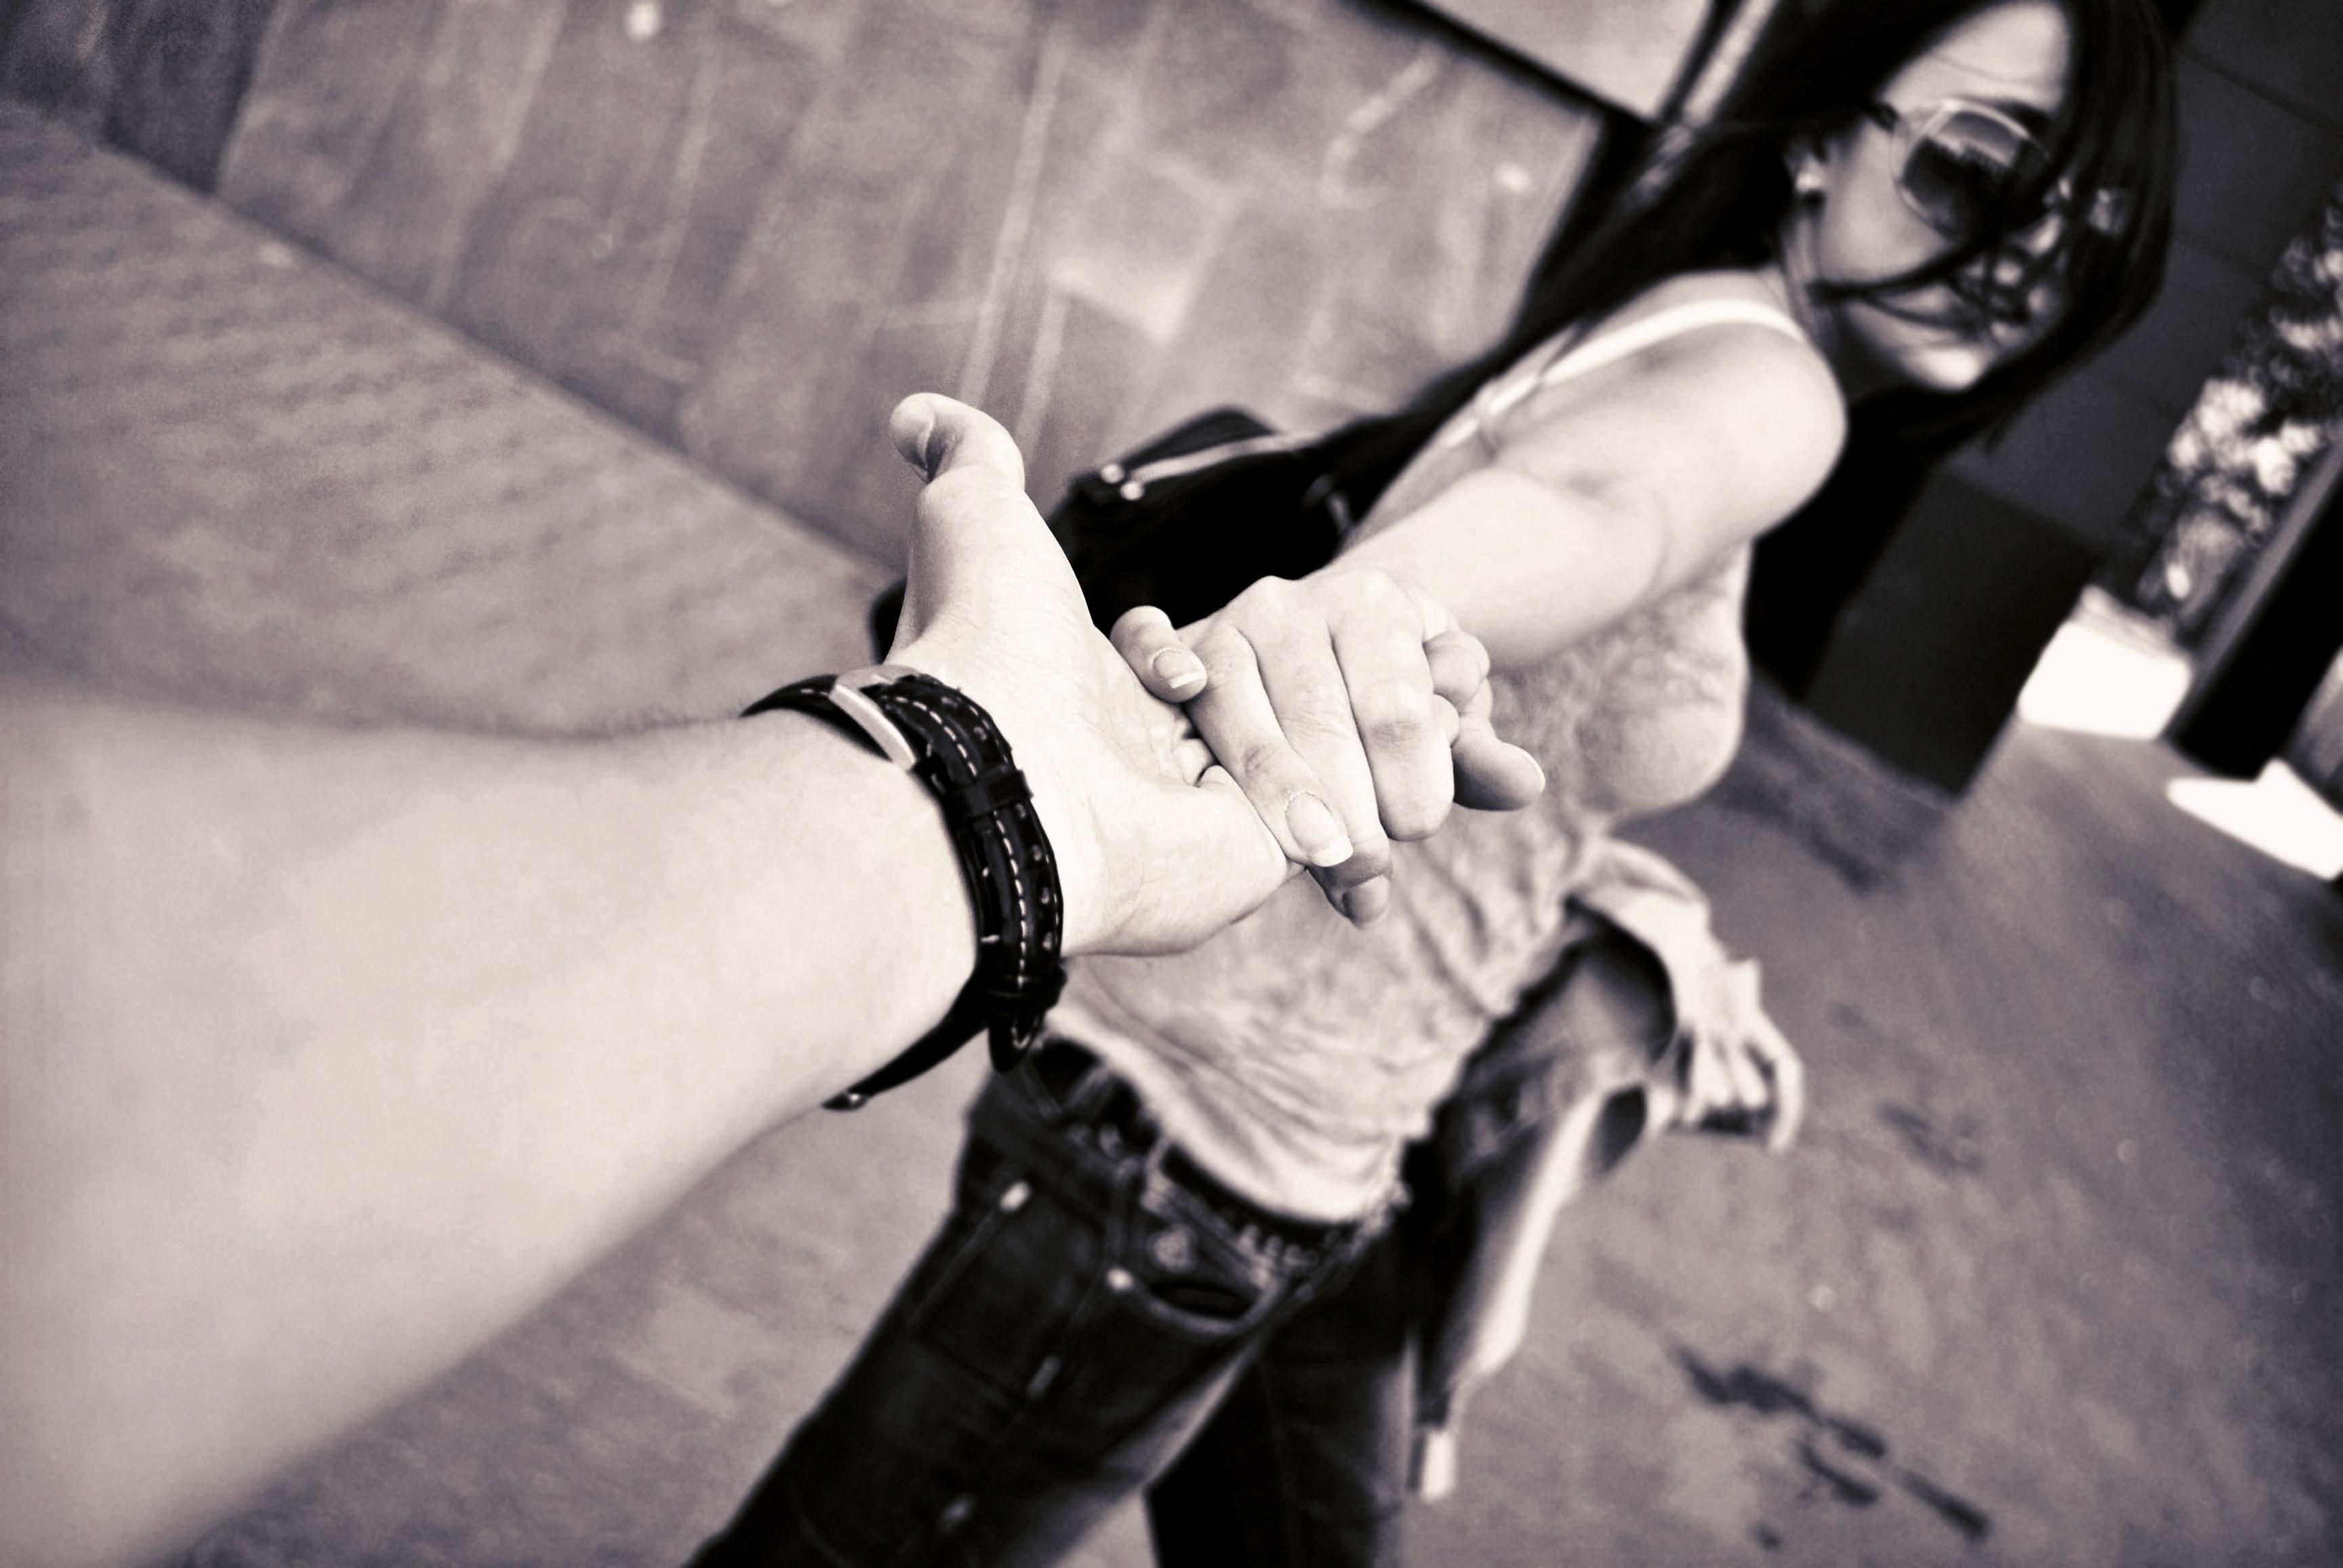 Смотреть онлайн мужик принуждает девочку к сексу 25 фотография